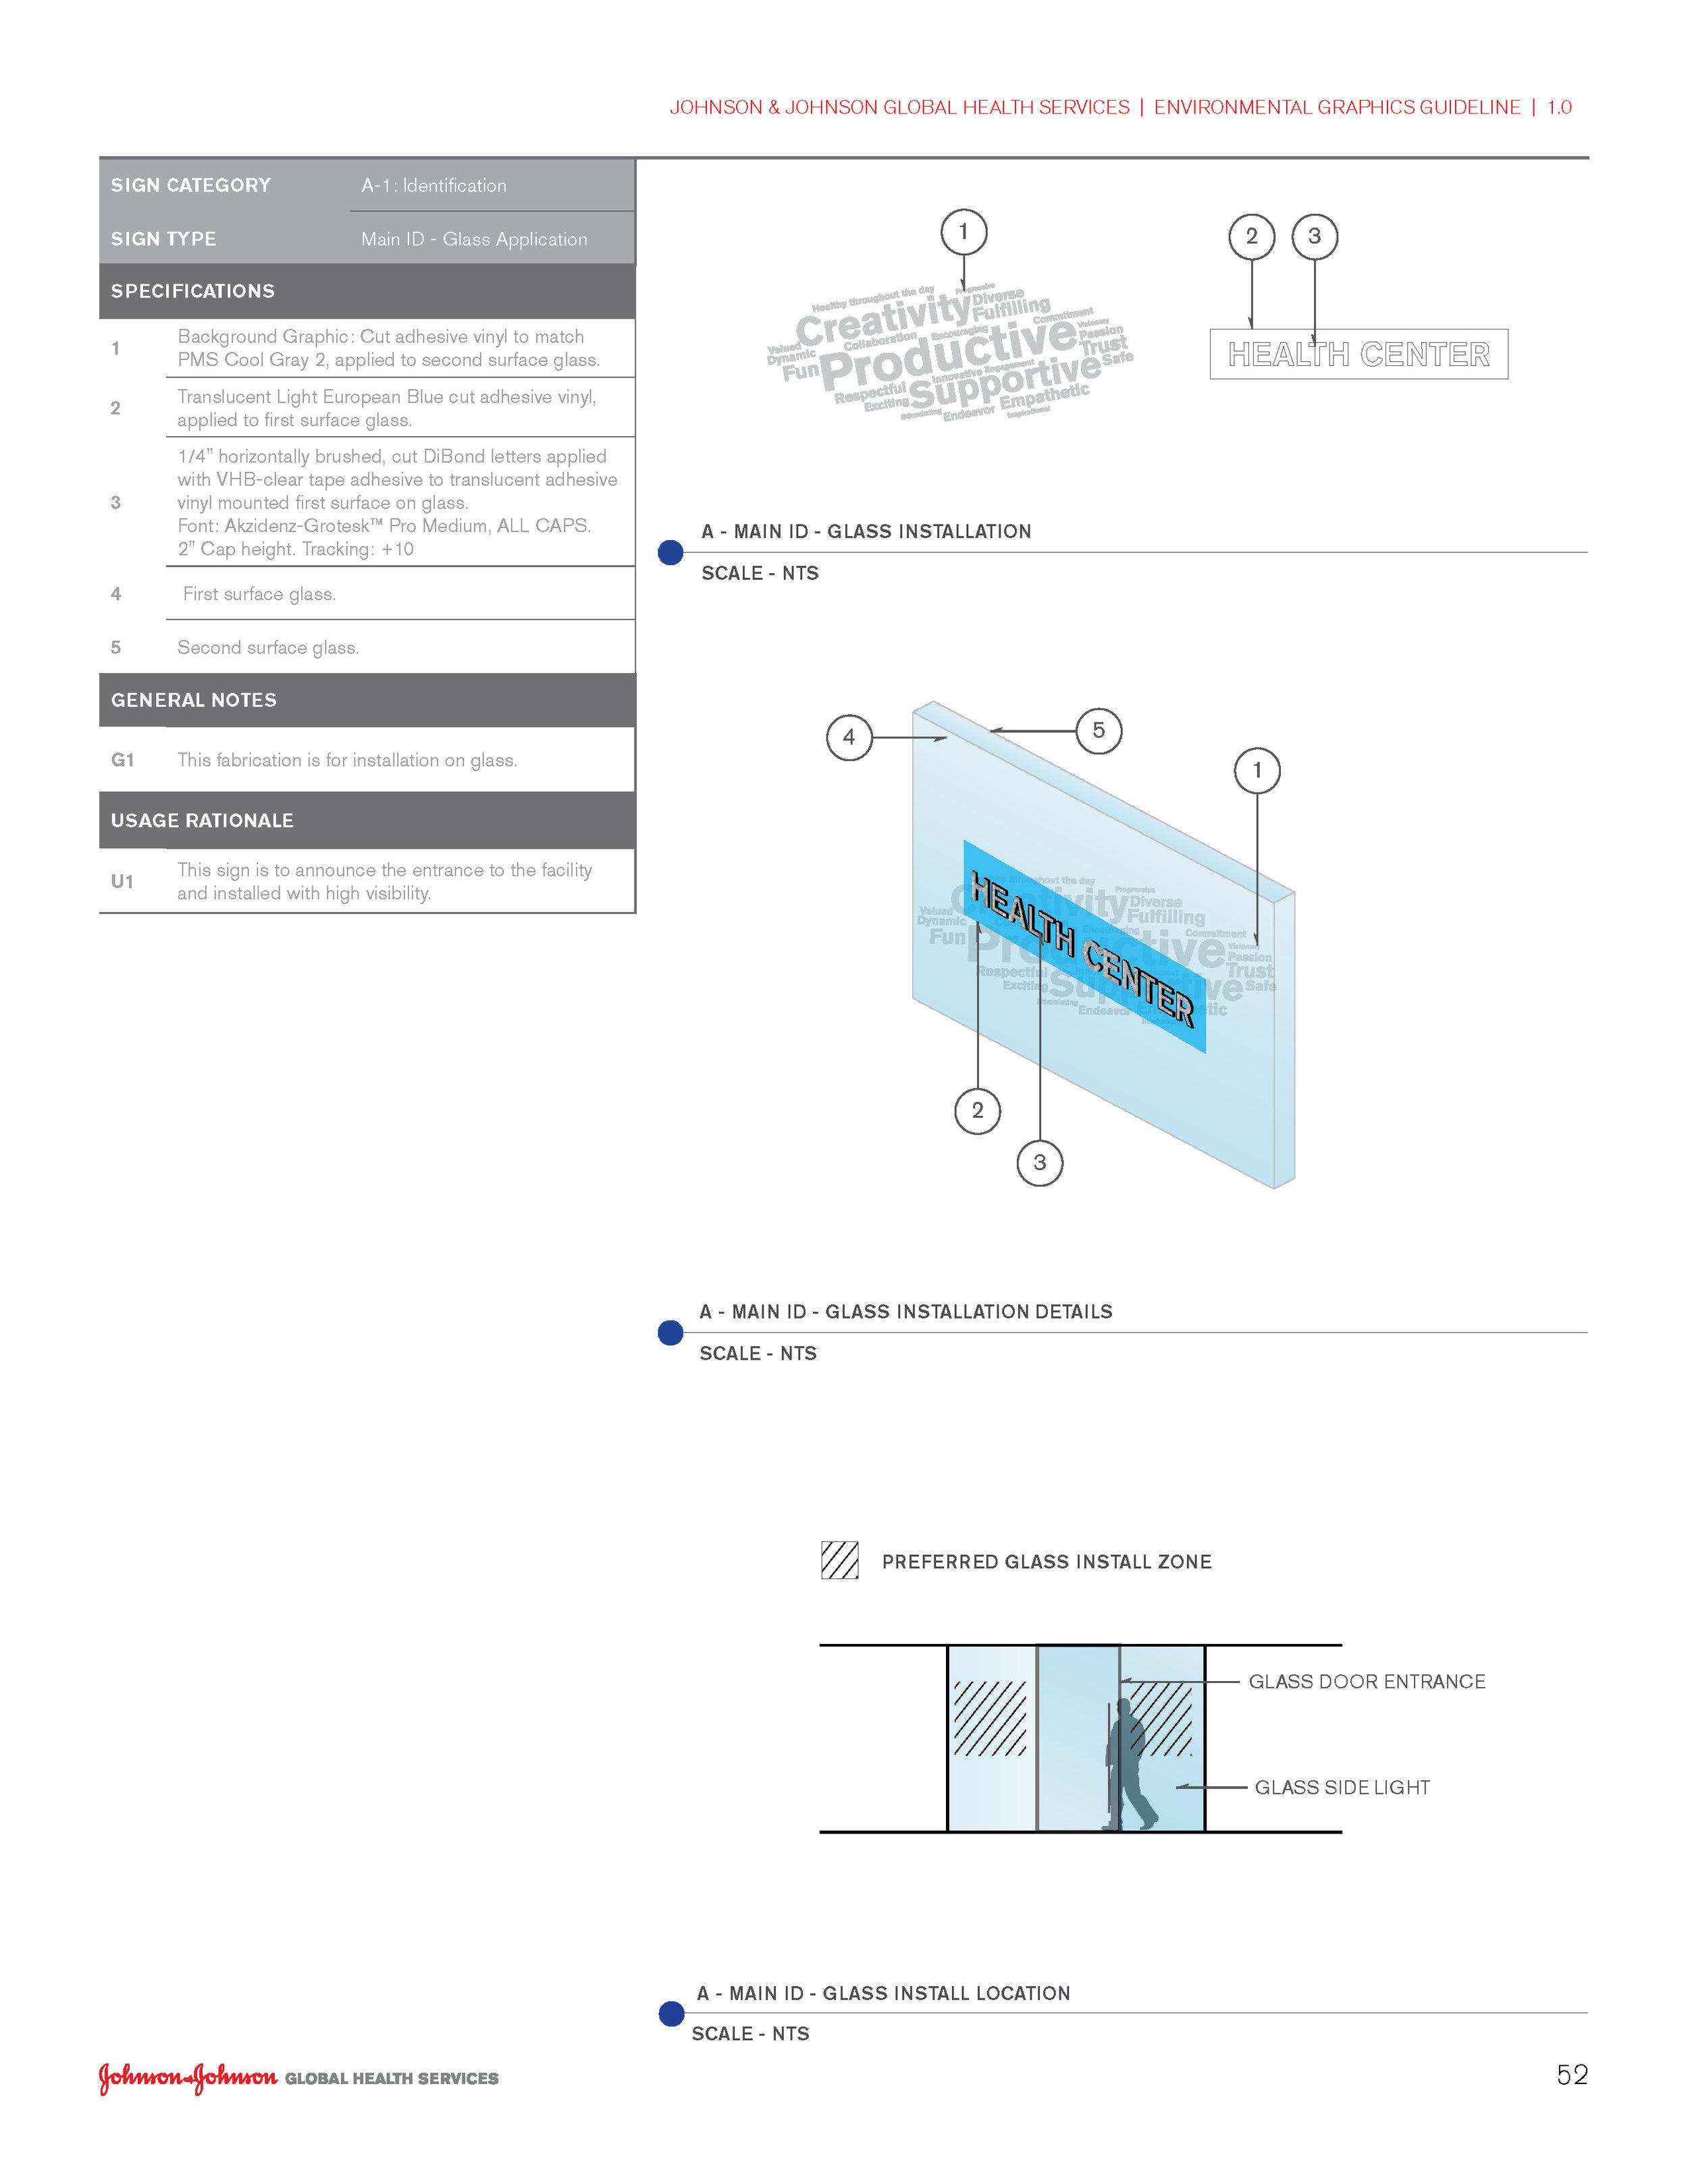 170929_GHS-EnvironmentalGuidelines_1.0 copy_Page_052.jpg